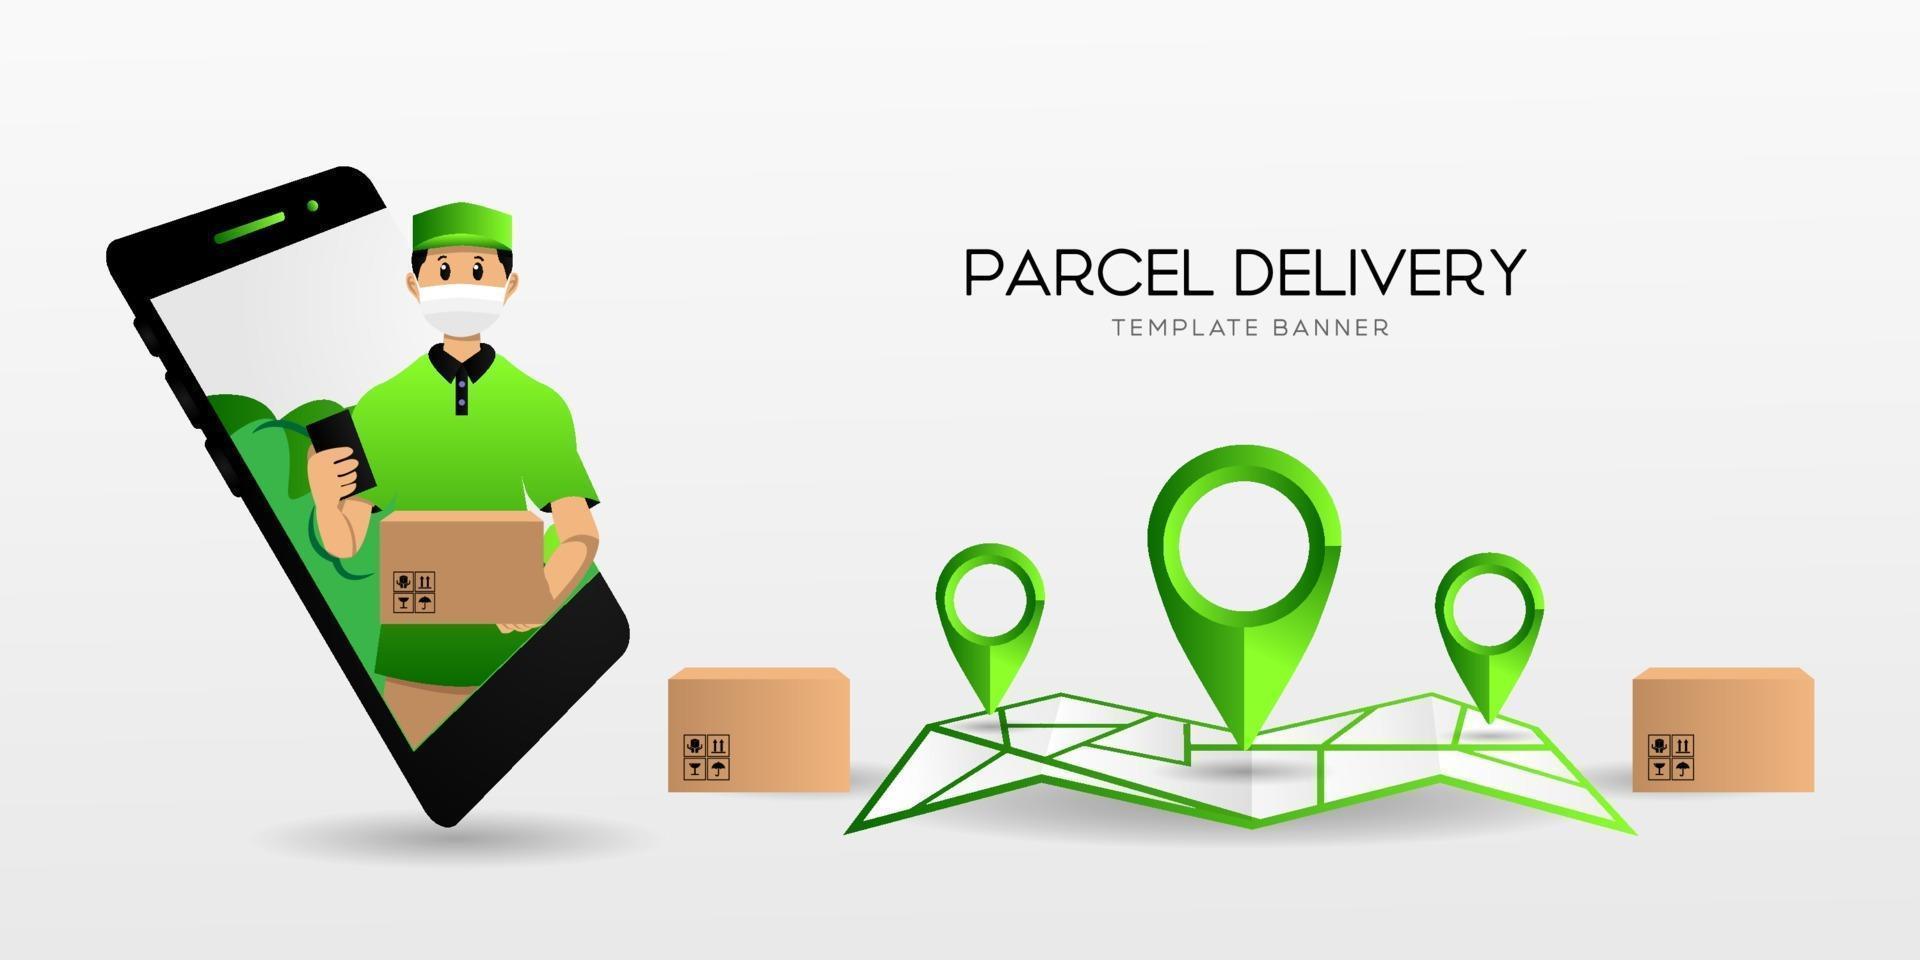 modelo de design de banner de entrega de pacote vetor